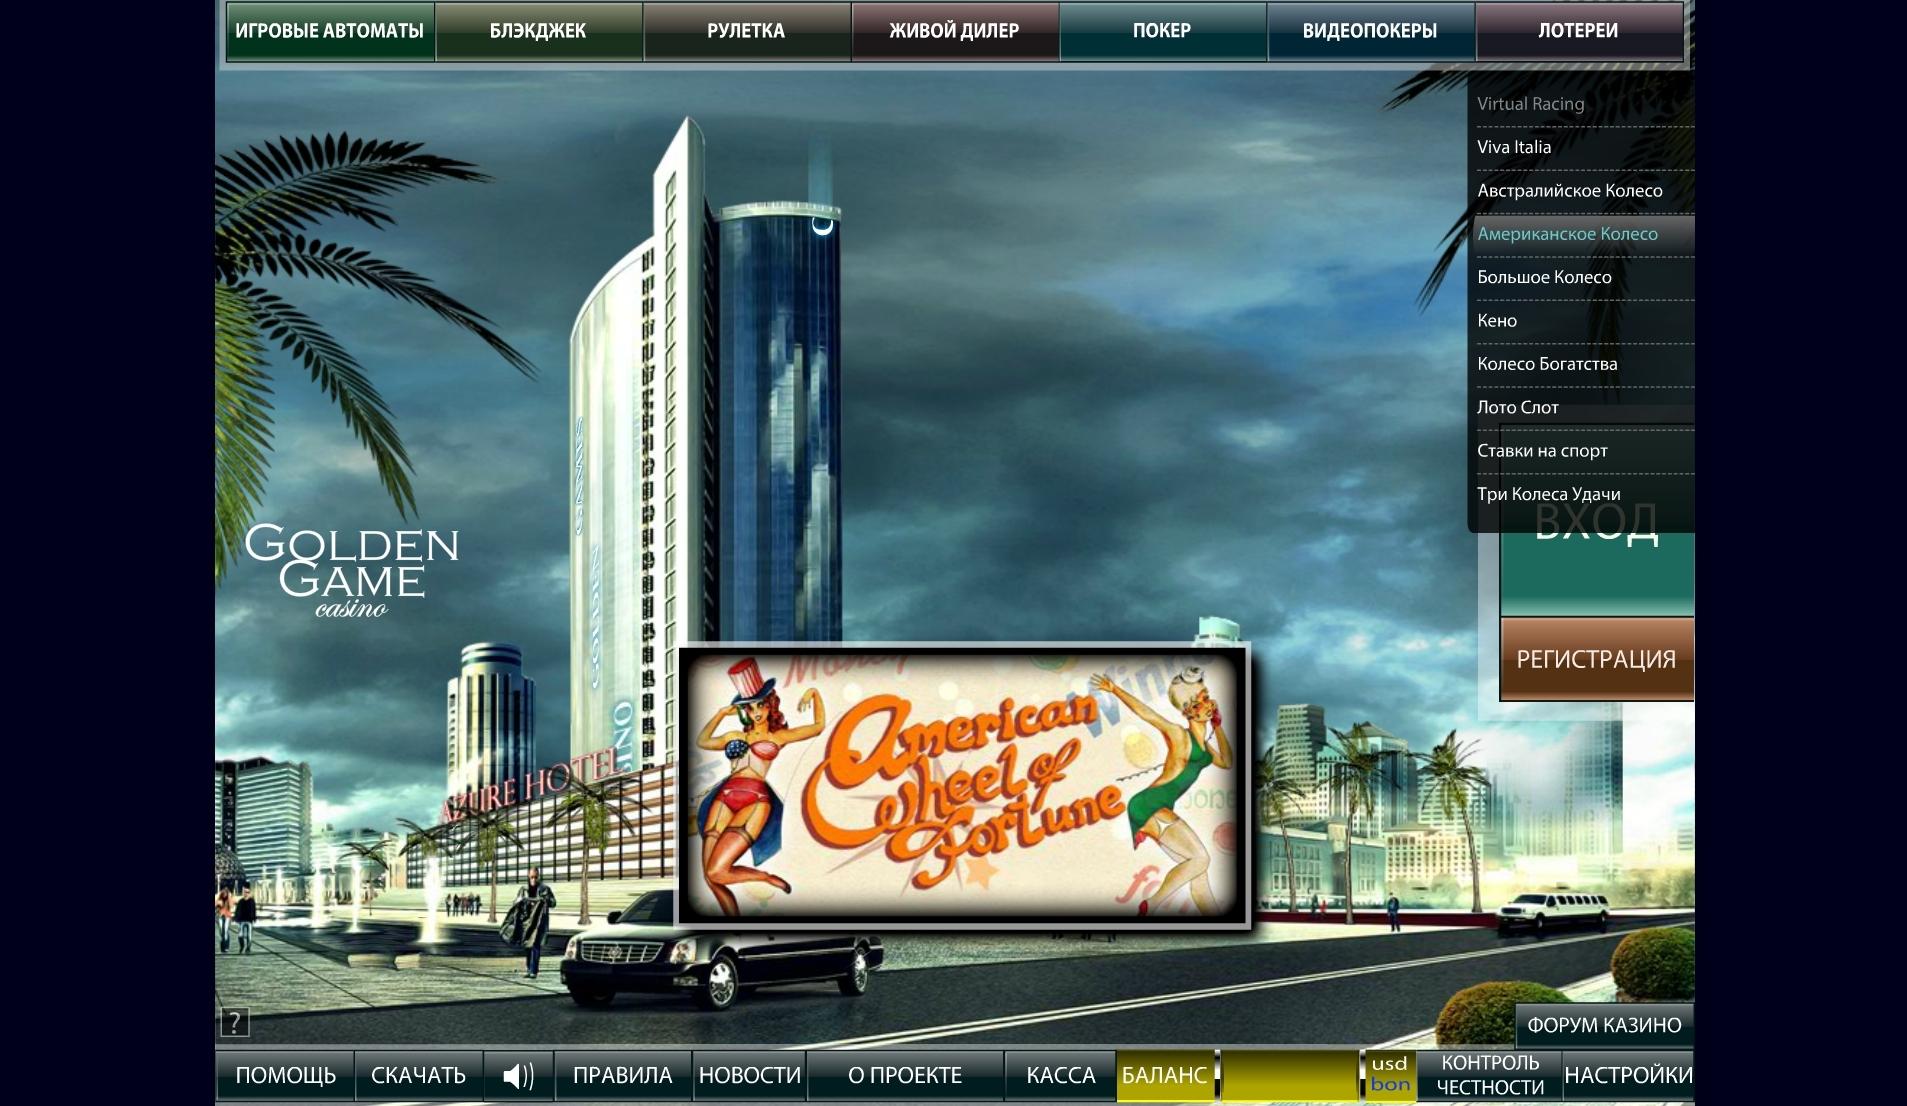 Игровые автоматы онлайн бонус за регистрацию